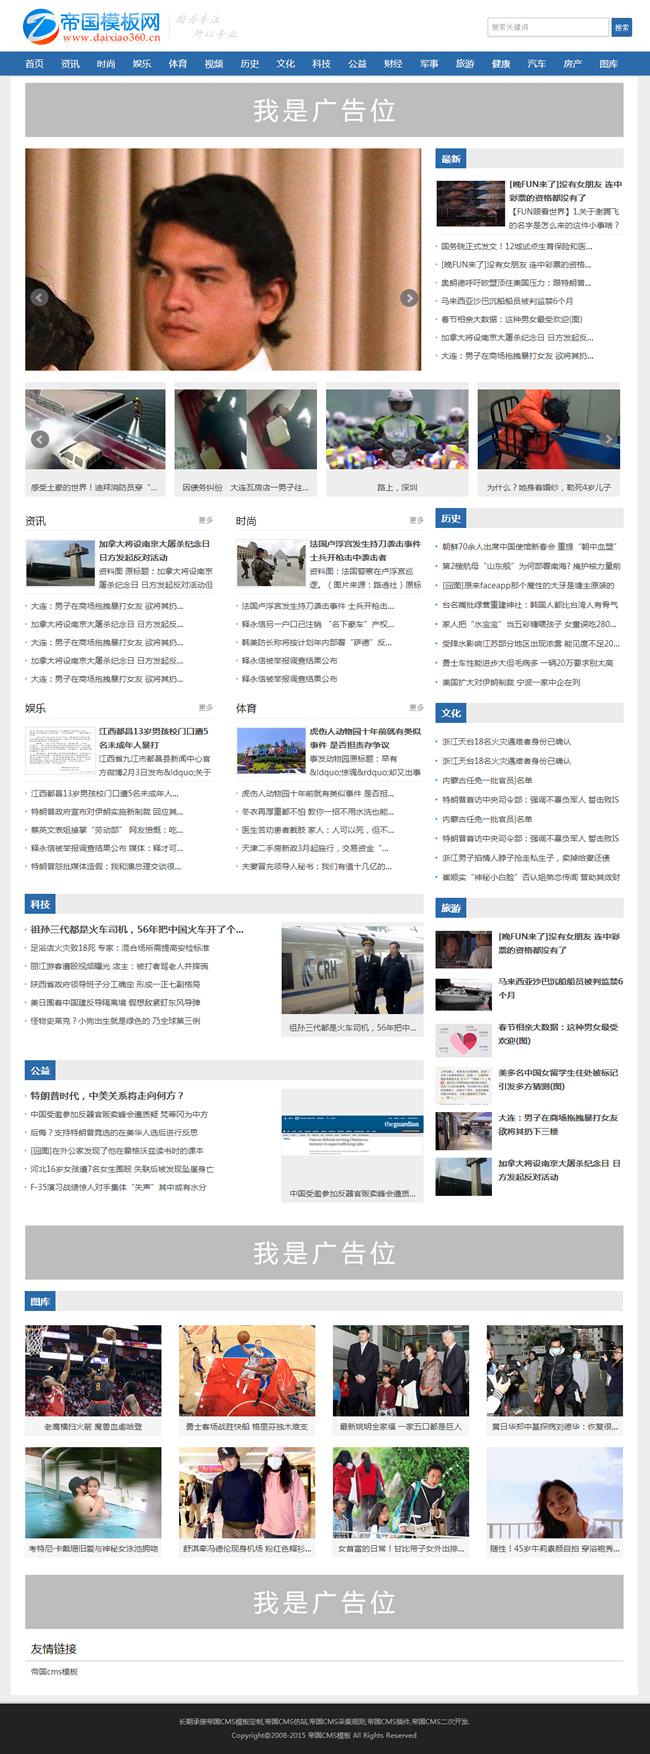 帝国cms自适应模板之蓝色新闻资讯类文章图库模板_电脑版首页模板